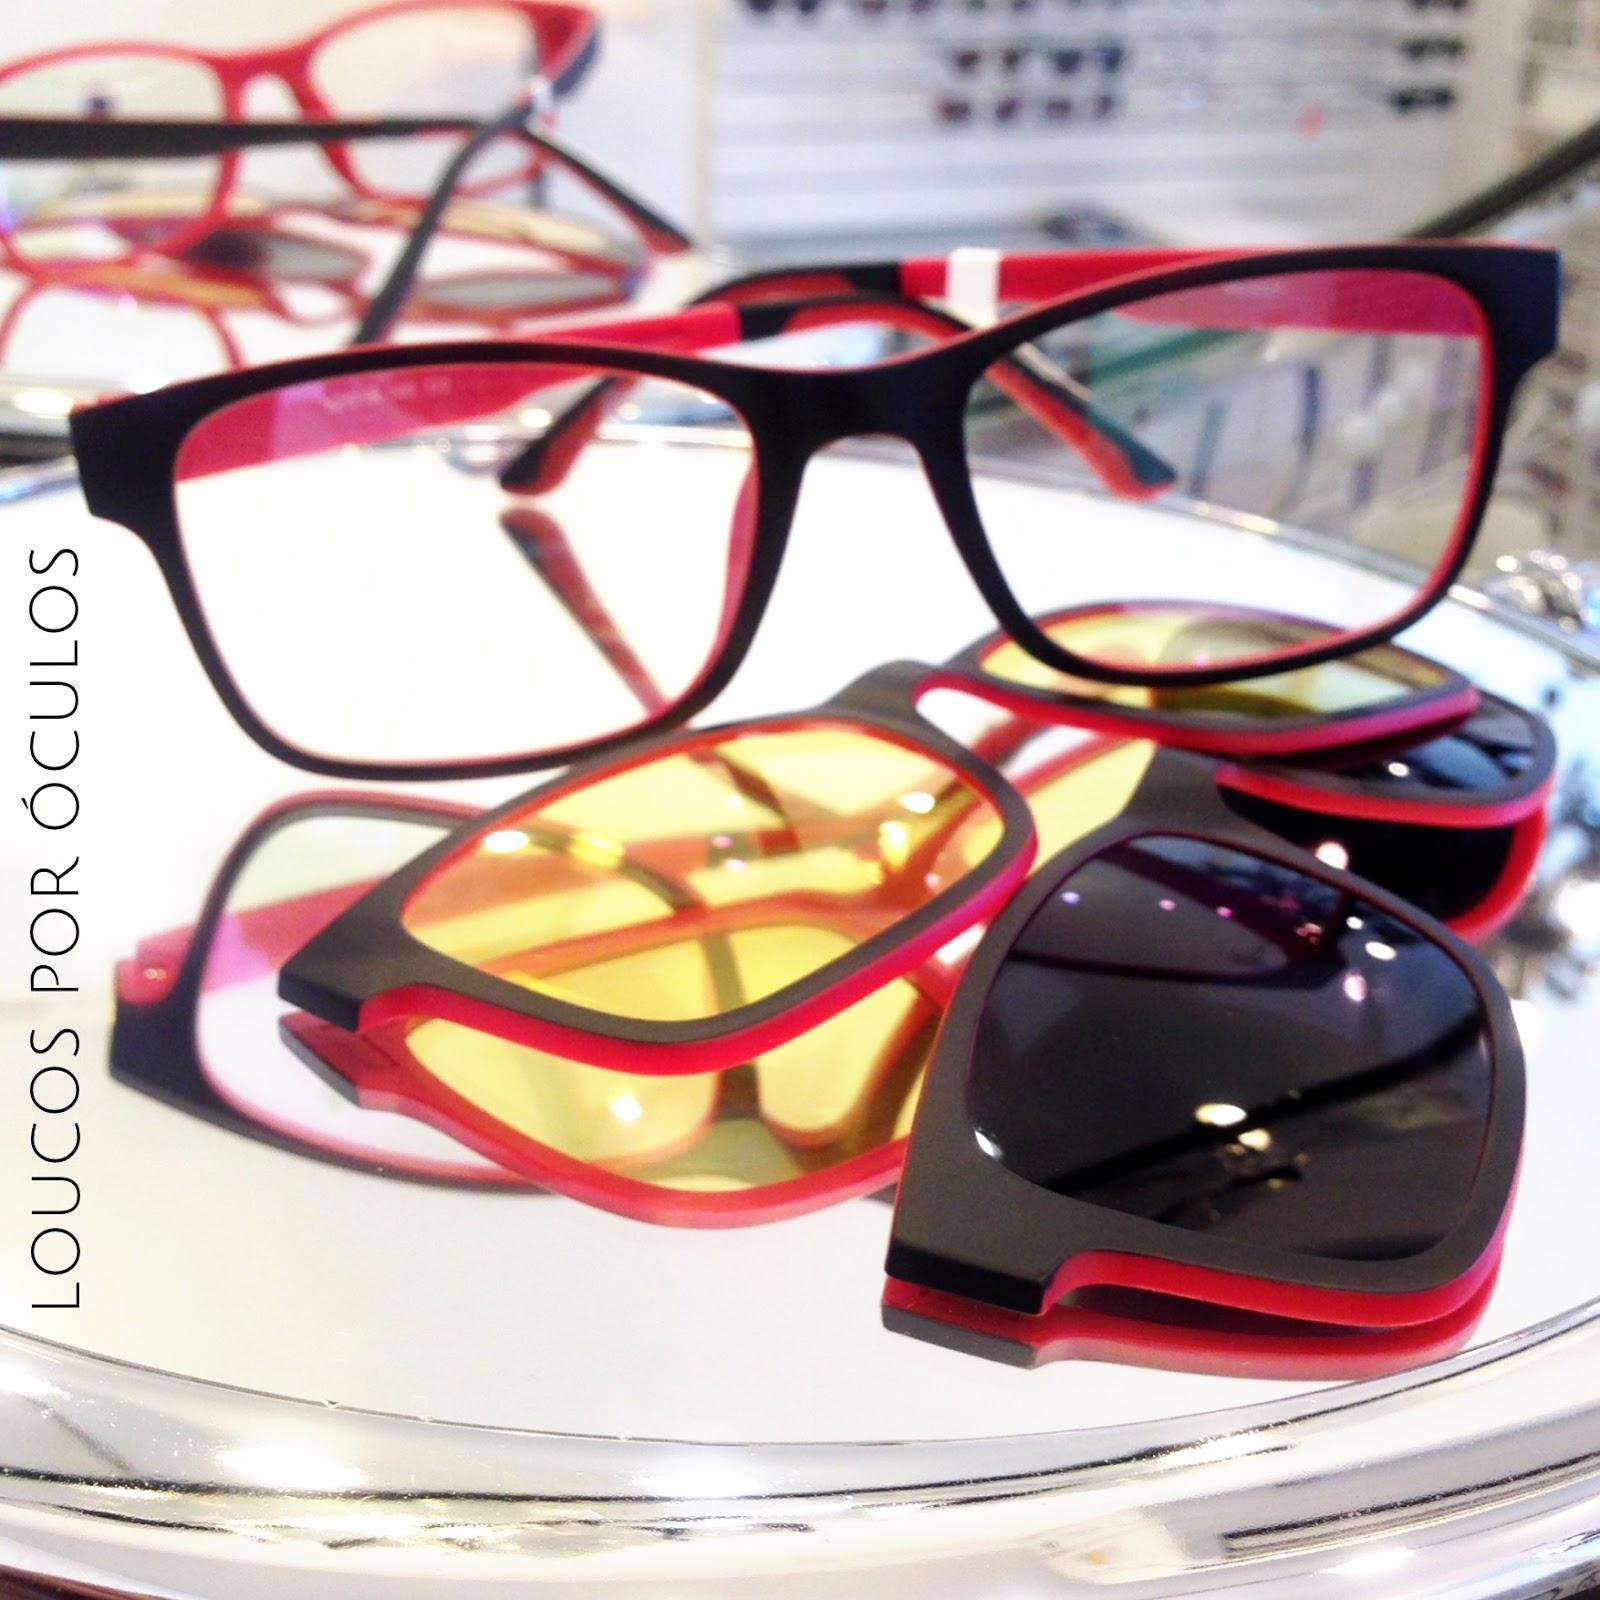 f6630c28f7719 Loucos por Óculos  Clip On 3 em 1 - r  290,00